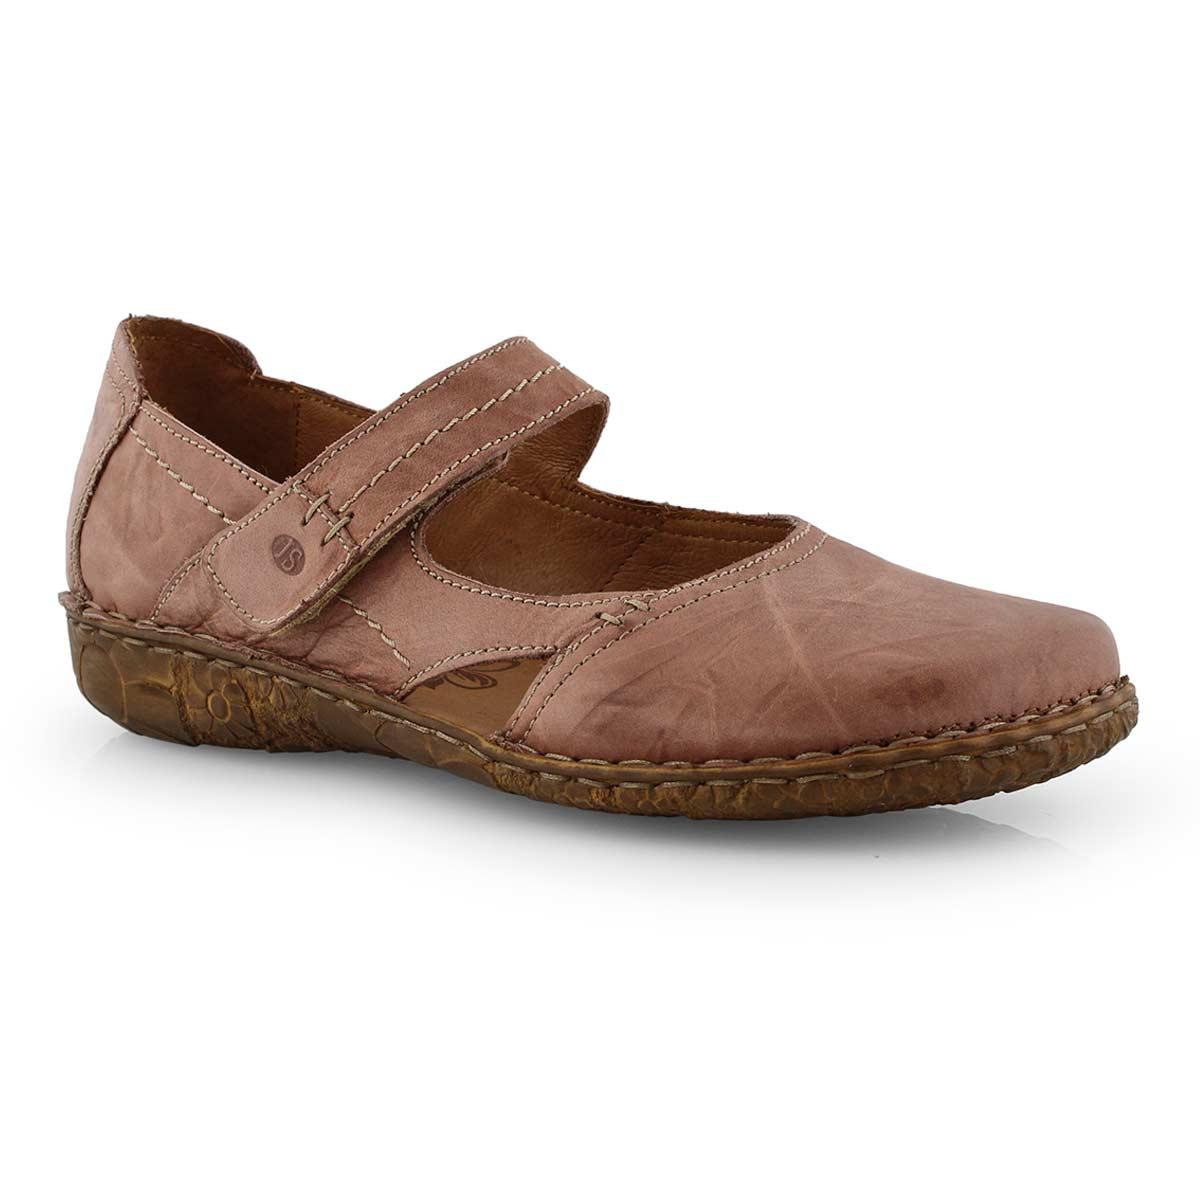 Lds Rosalie 37 rose mary jane shoe